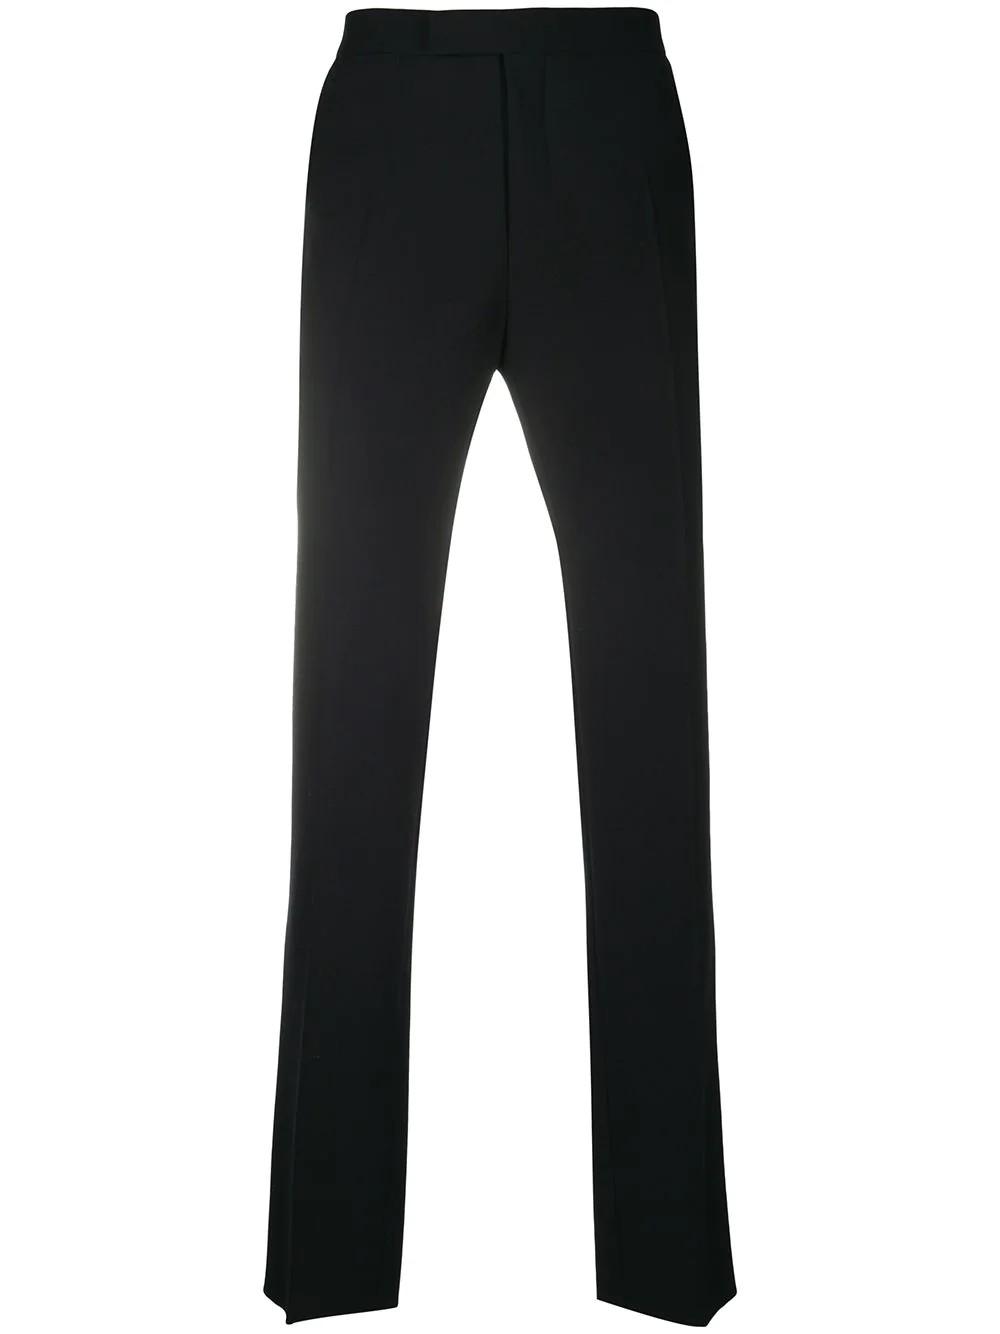 Slim f it pants 25020